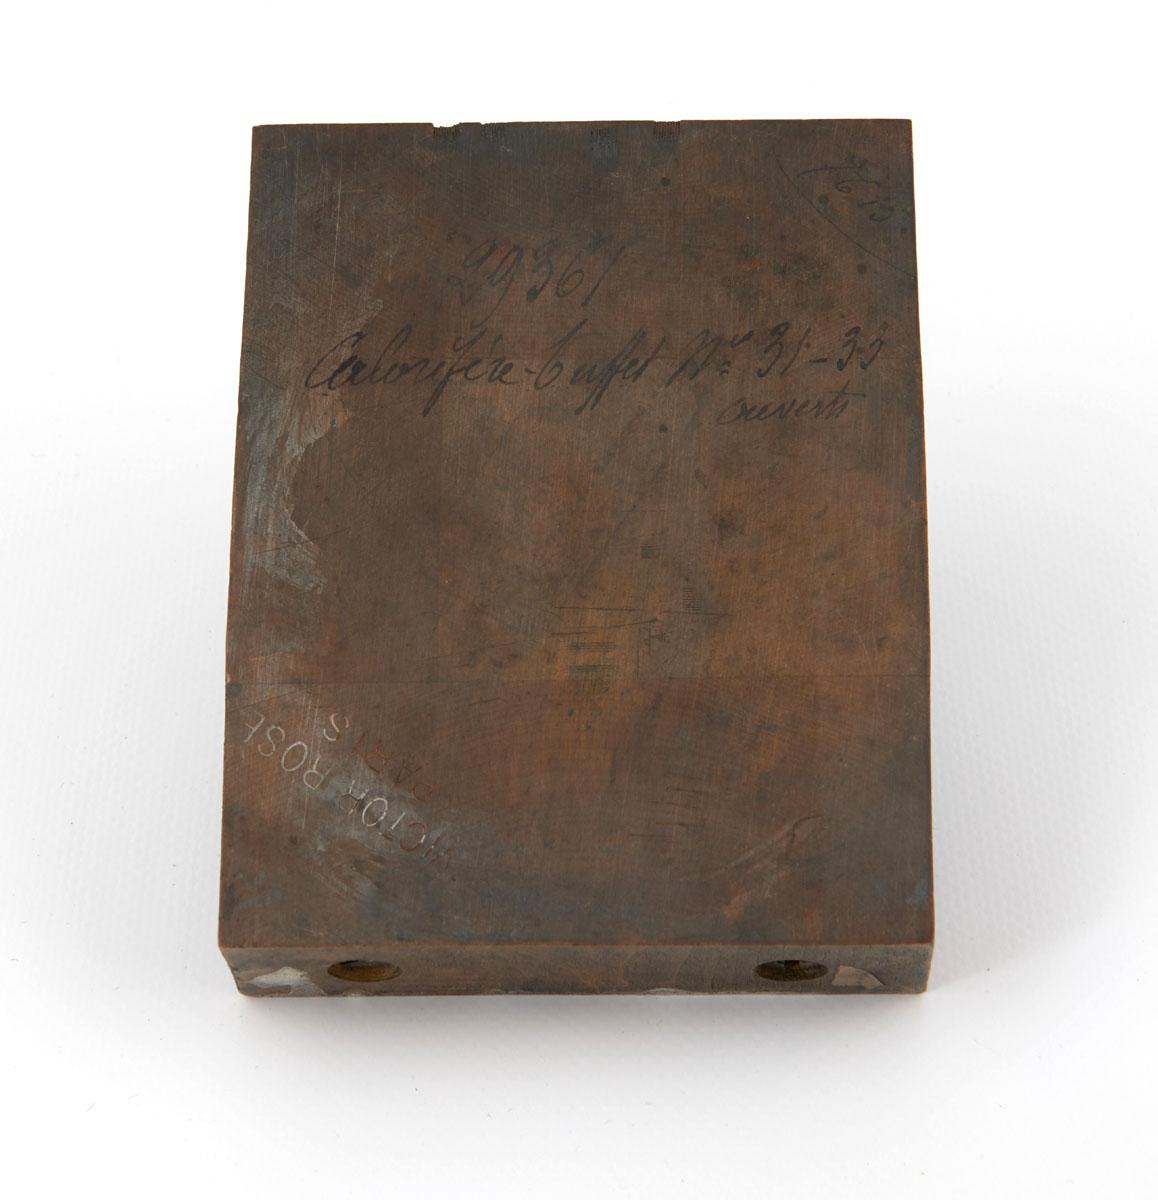 Vue du revers du bois gravé représentant le calorifère-buffet n° 31-33.